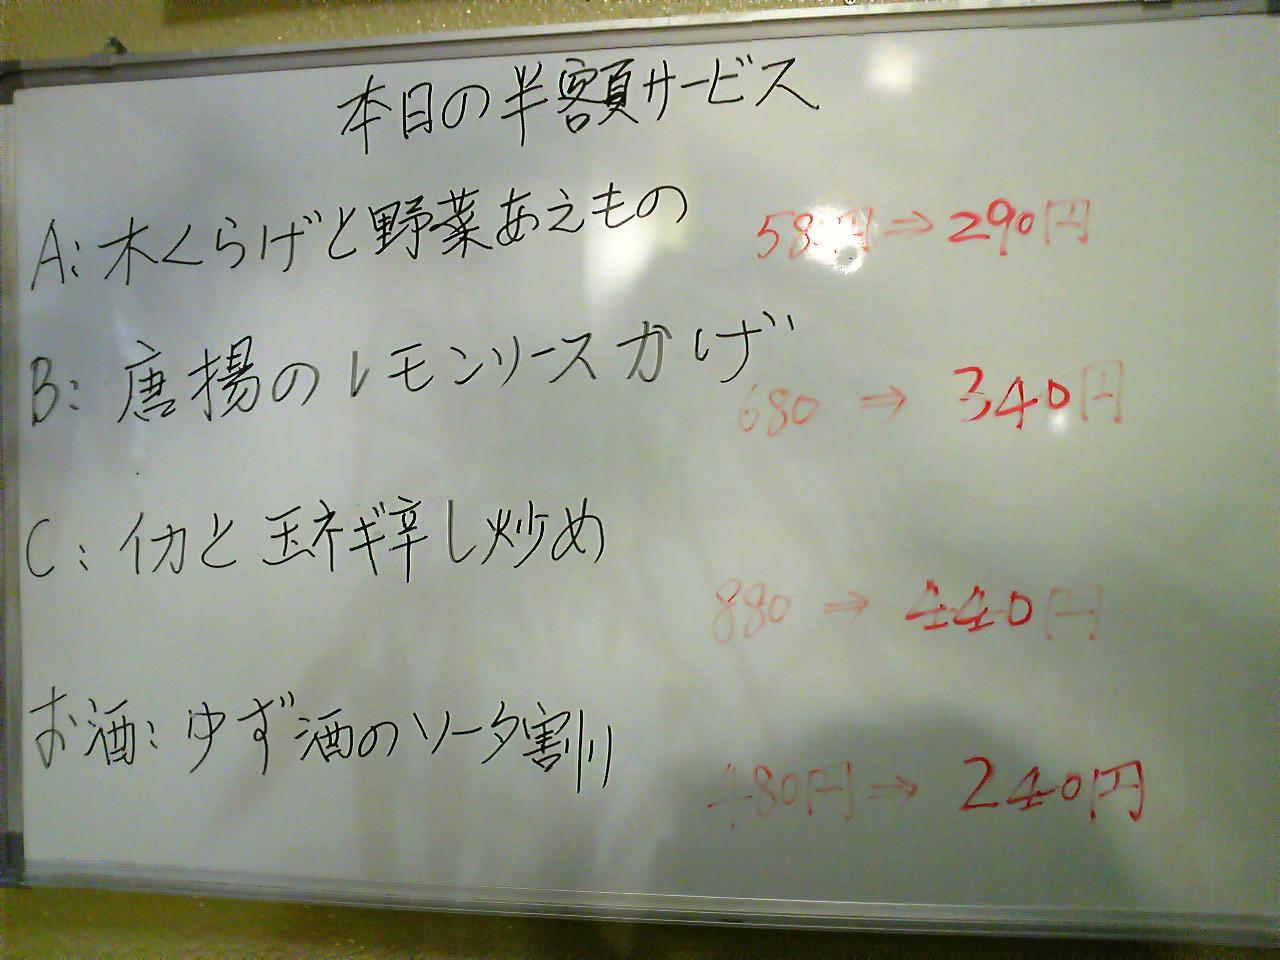 百楽門 東松戸店